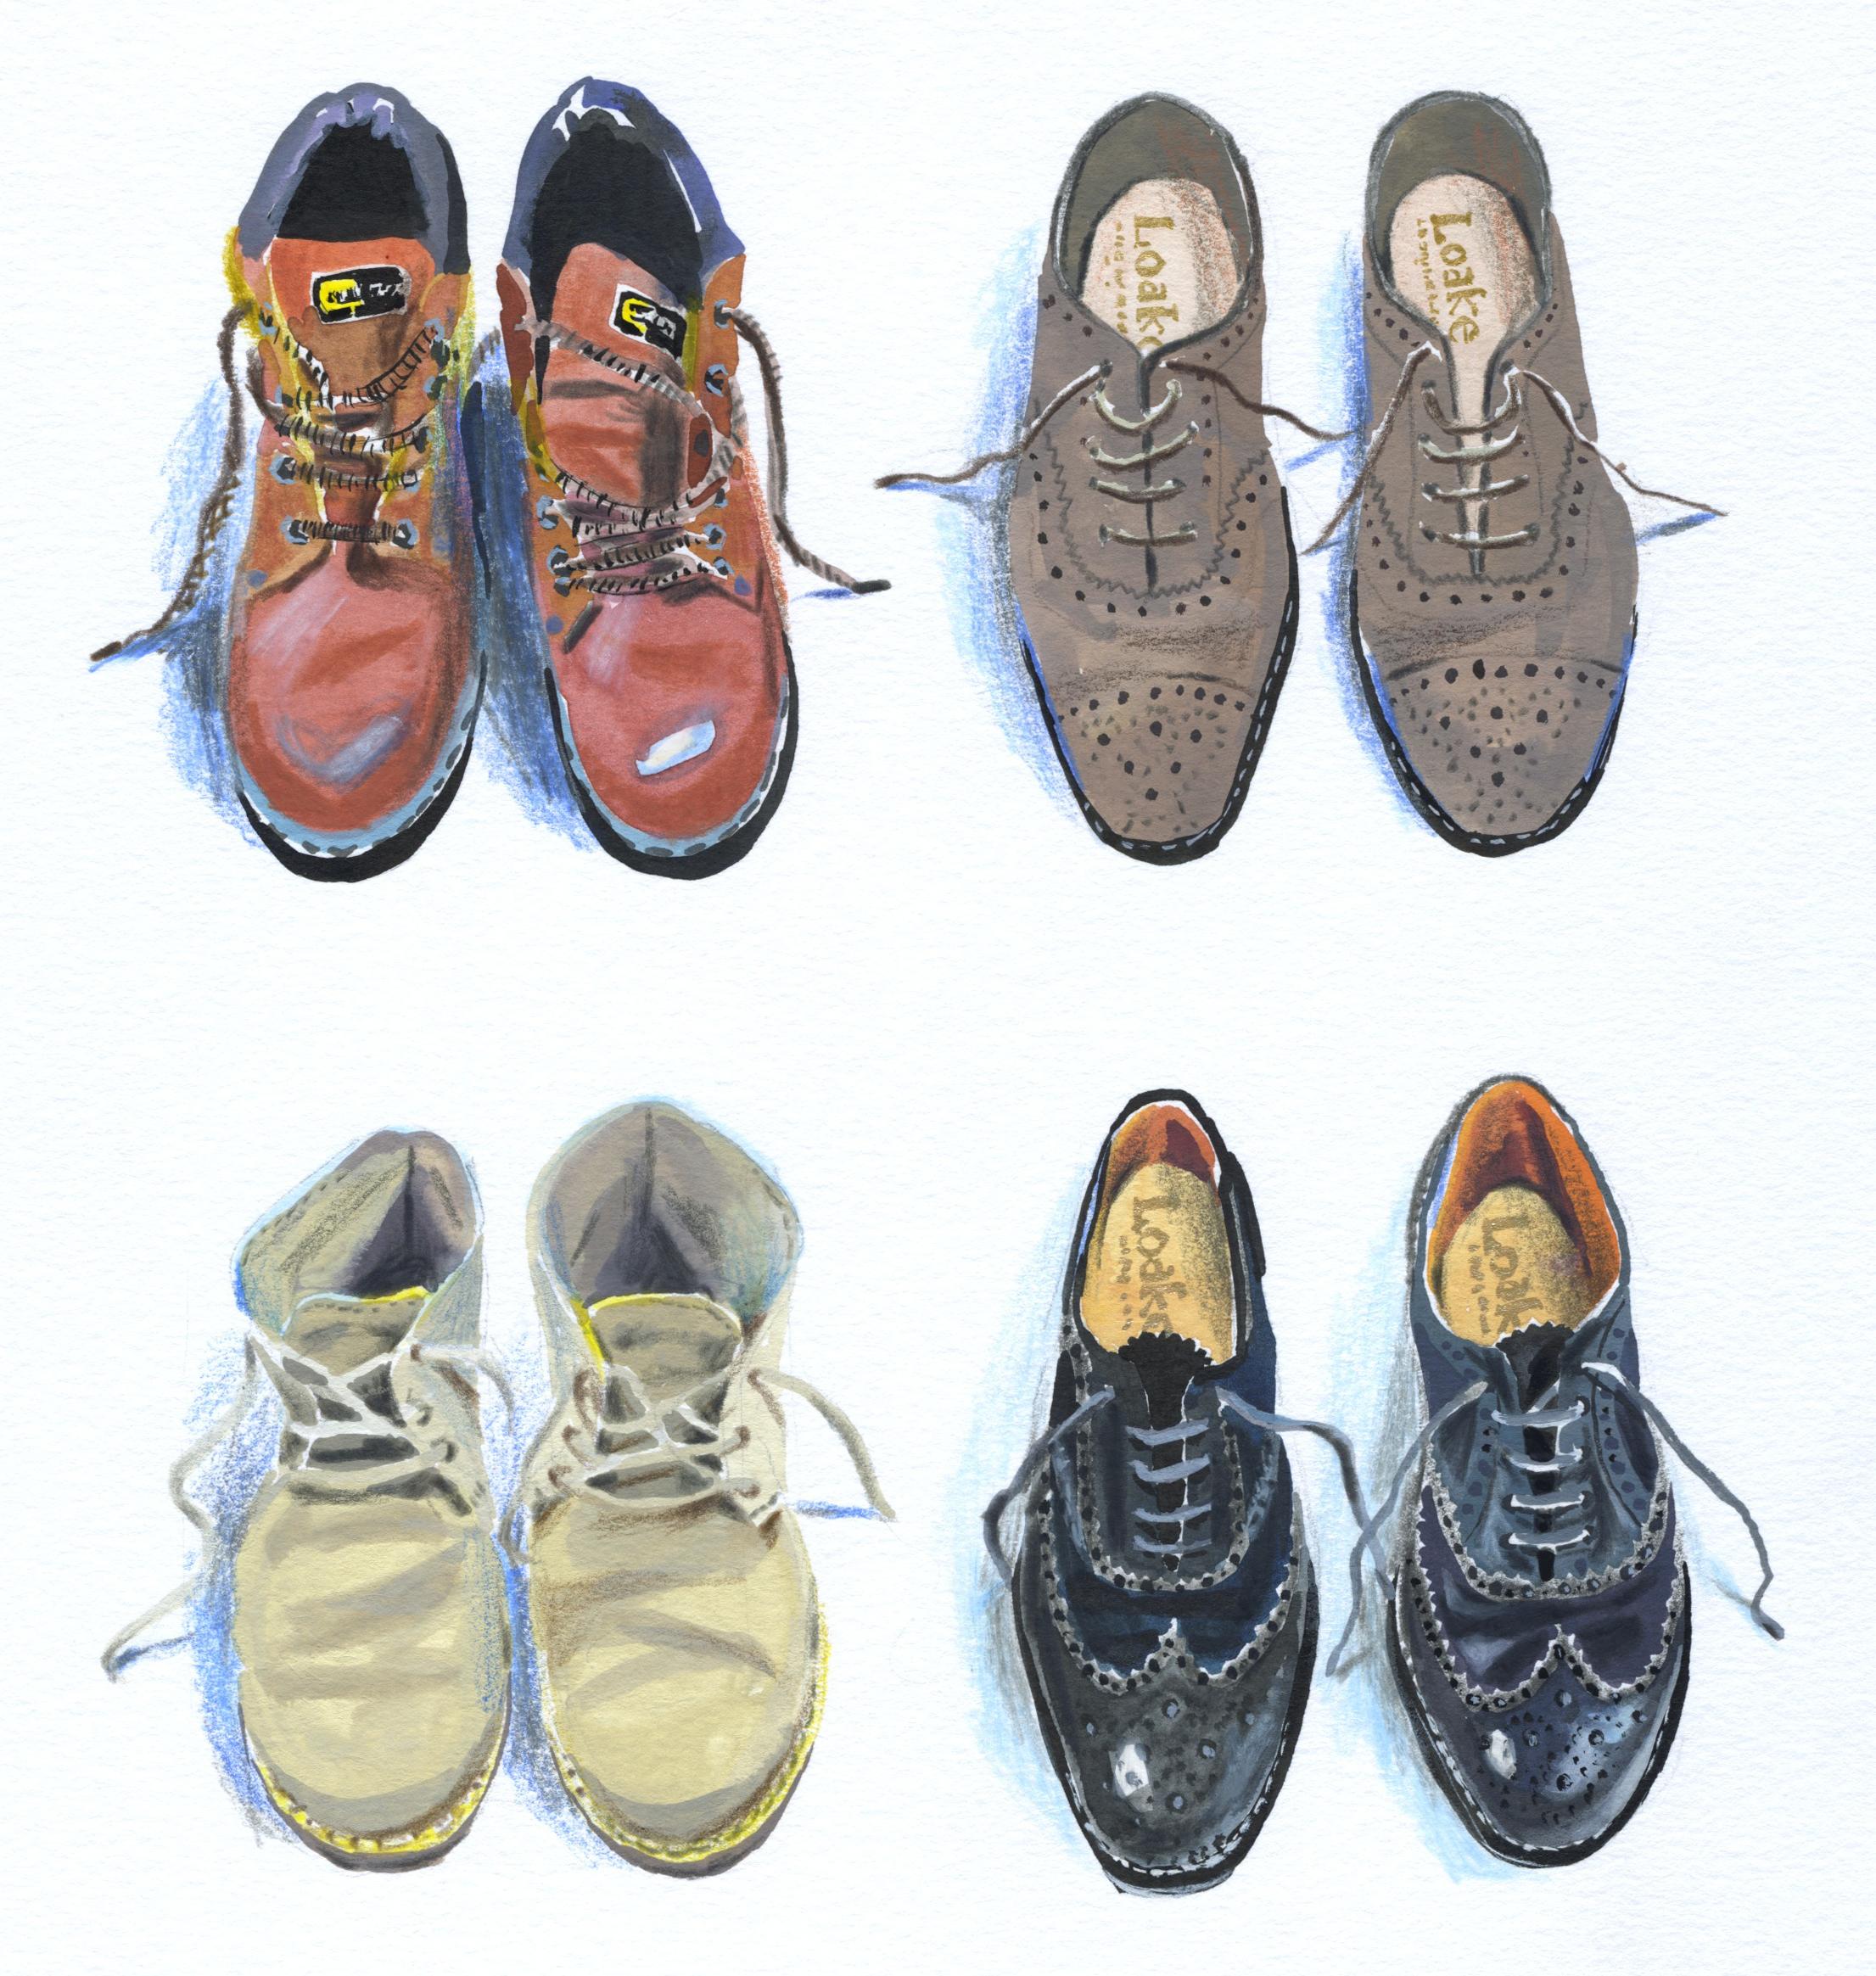 bernards boots